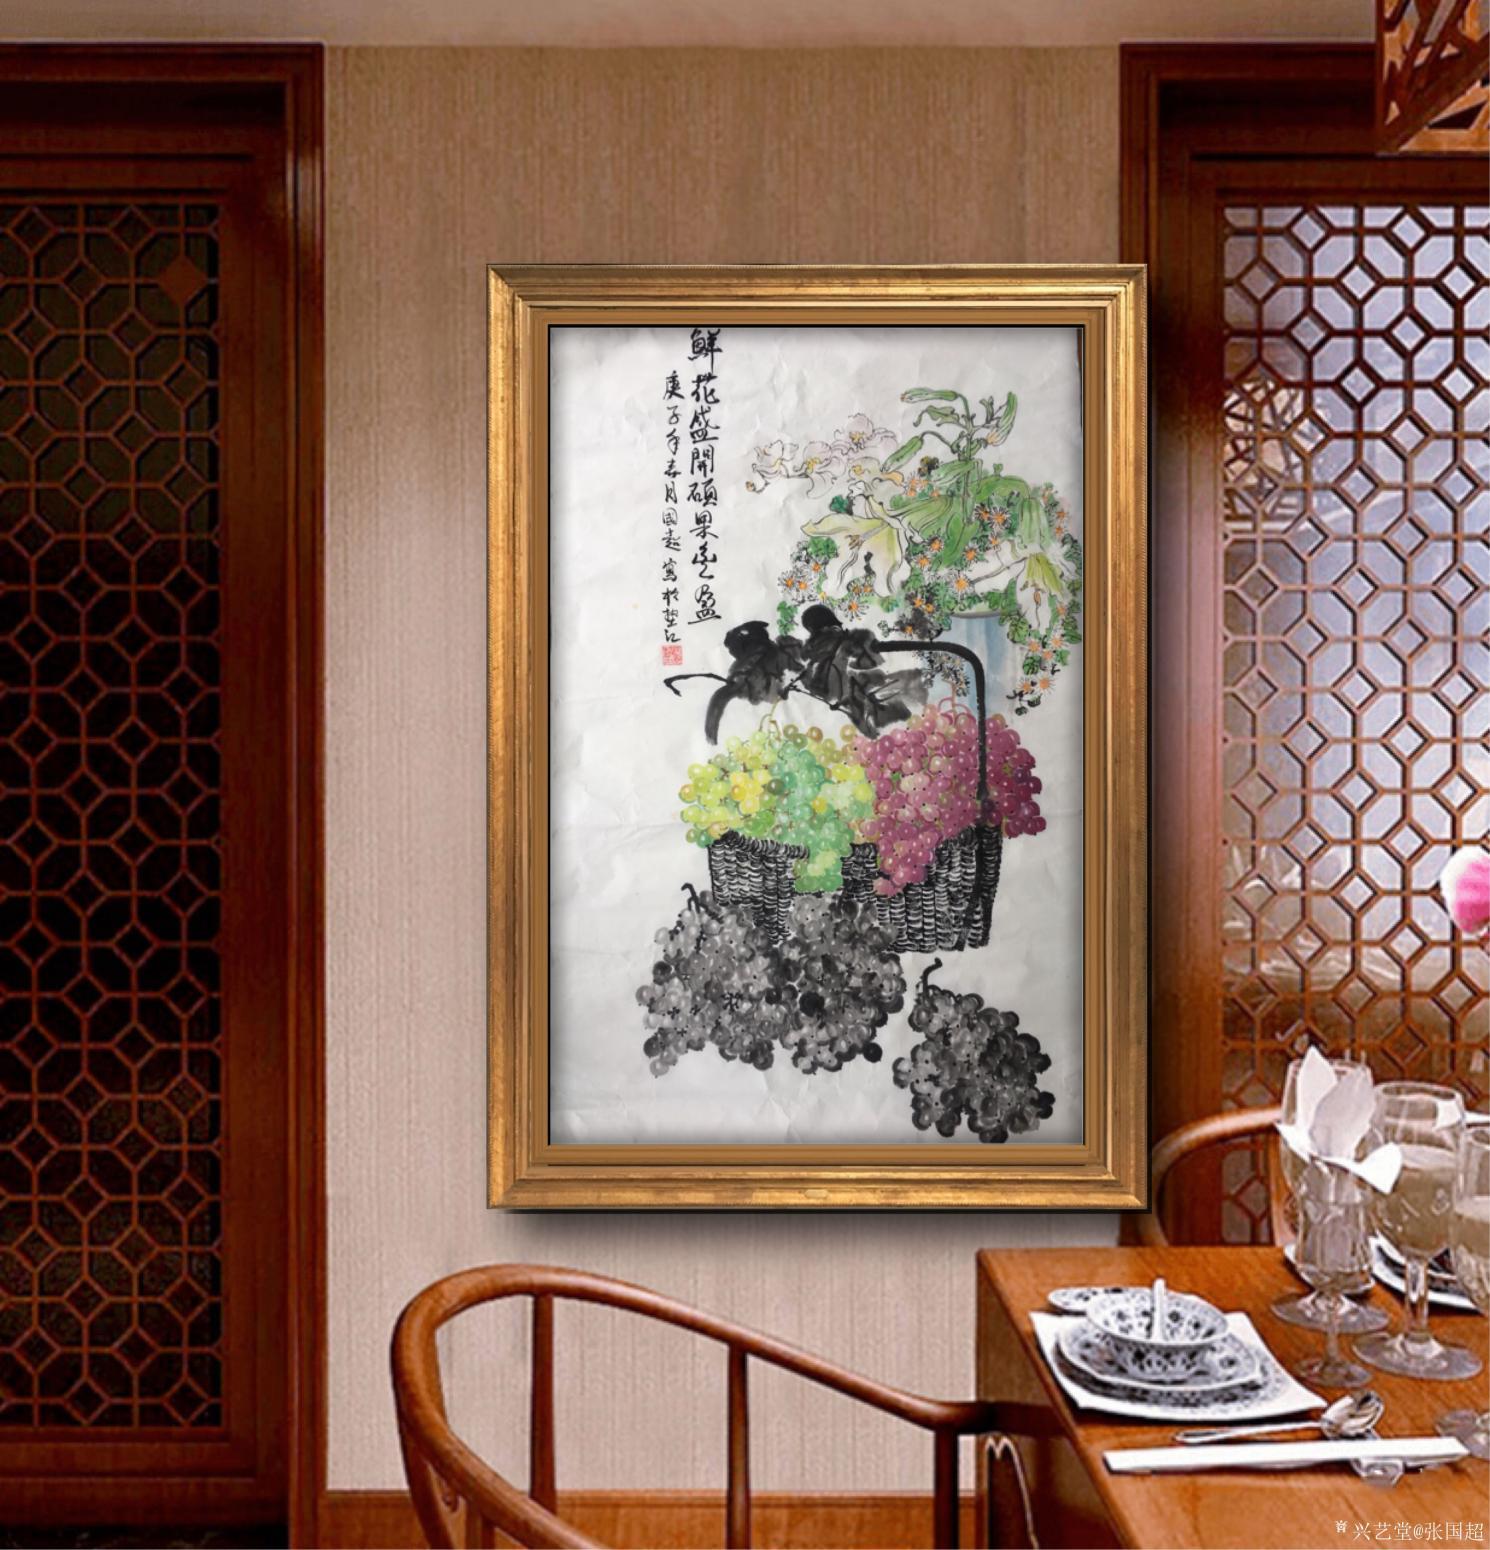 张国超国画作品《鲜花盛开硕果丰盈》